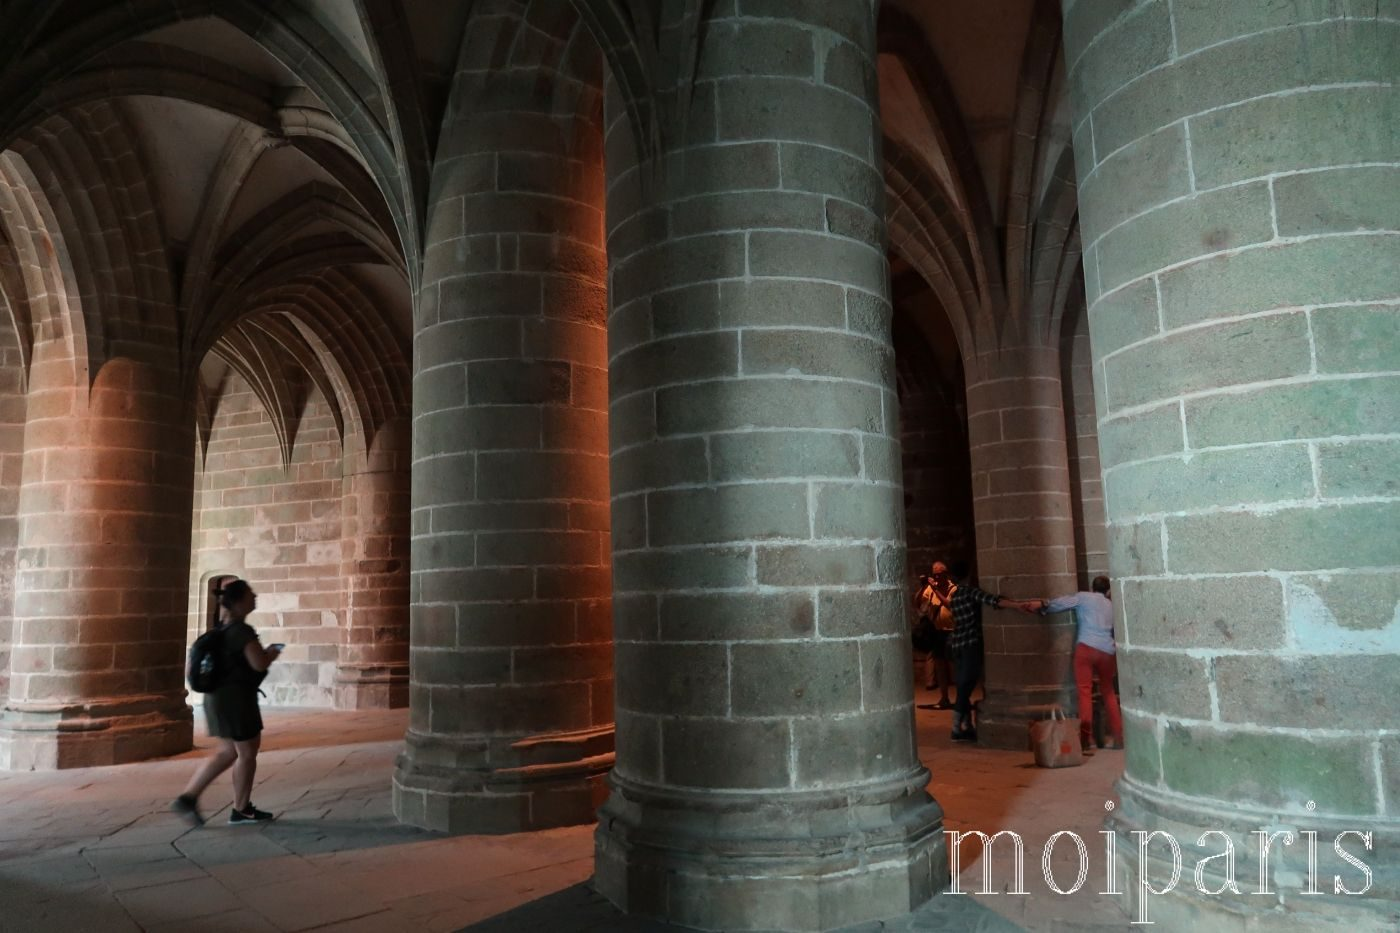 モンサンミッシェル、修道院内、地下、監獄としての歴史。